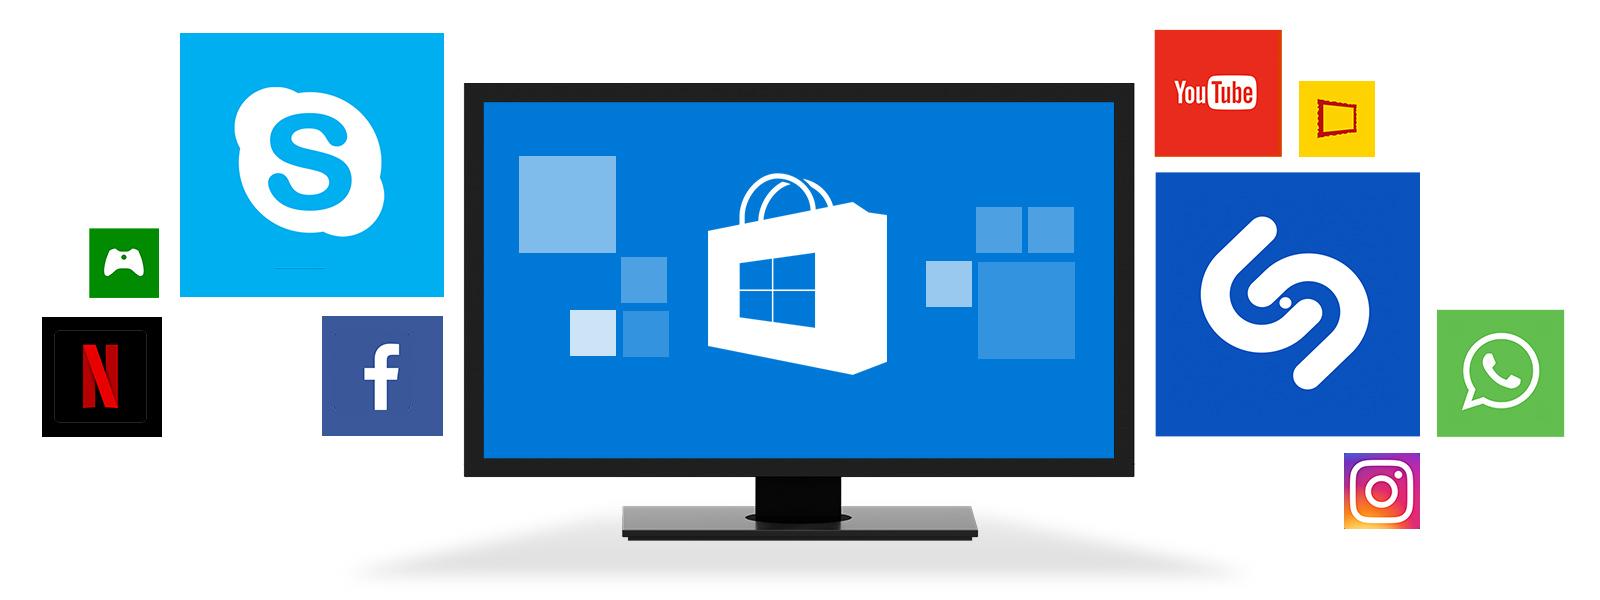 Μια συσκευή Windows περιστοιχισμένη από πλακίδια εφαρμογών